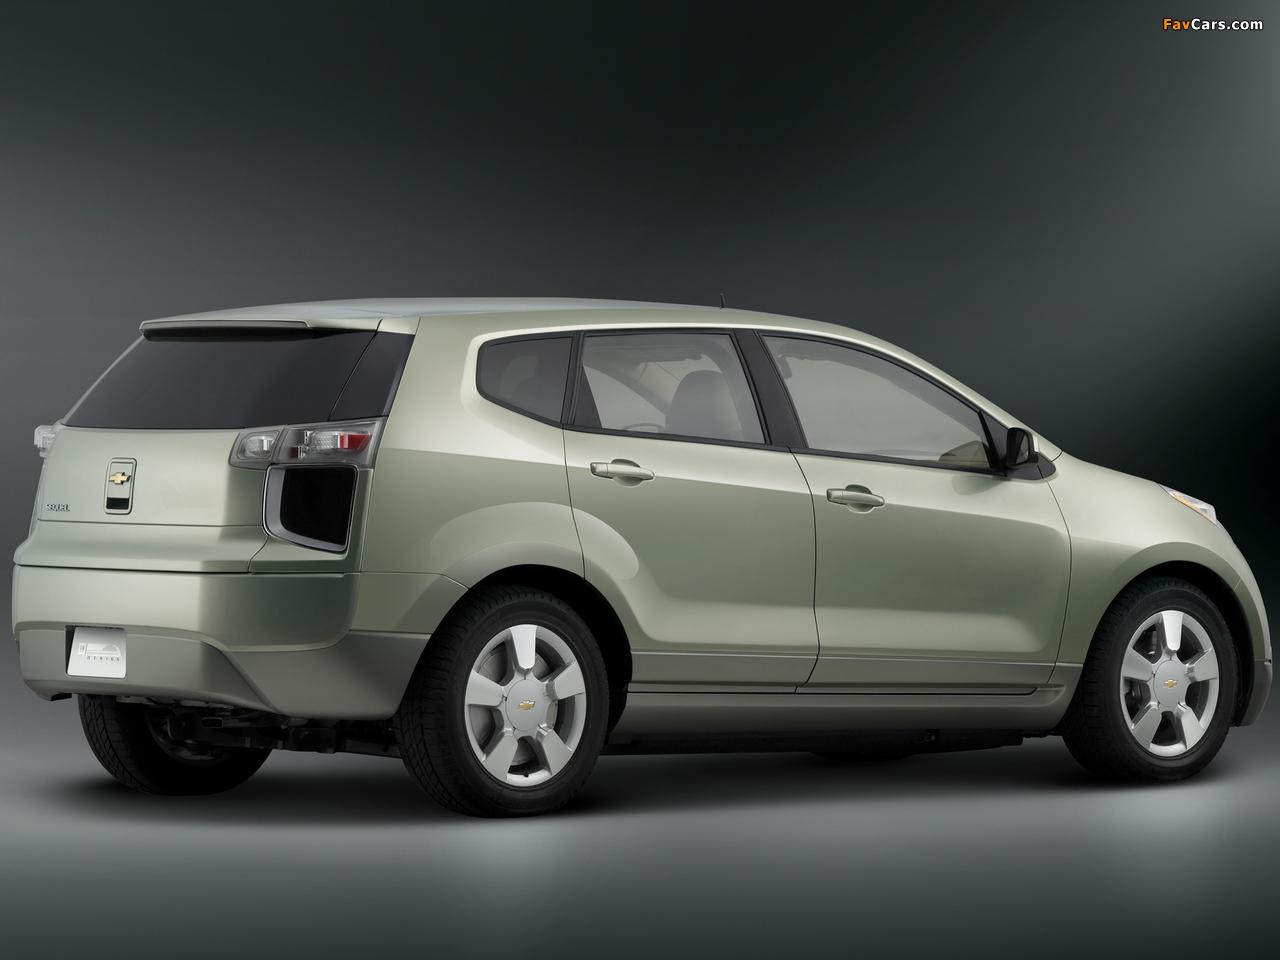 Chevrolet Sequel Concept 2006 pictures (1280 x 960)